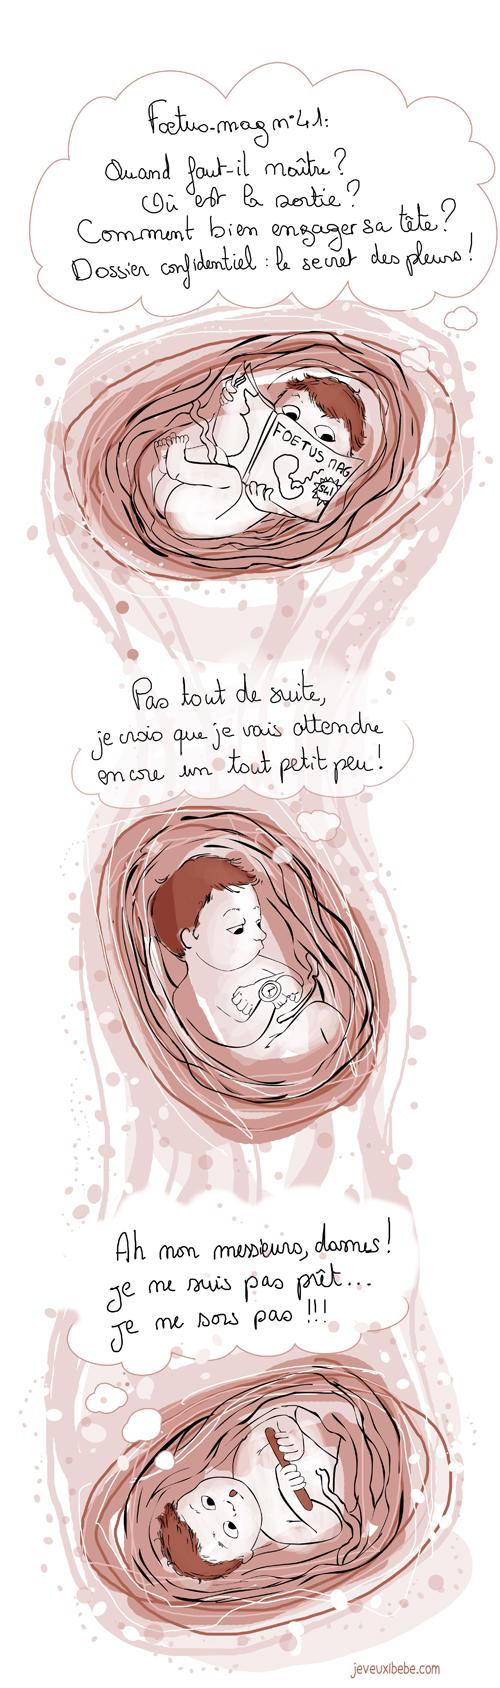 L'accouchement,Pendant ce temps... La vie in-utéro